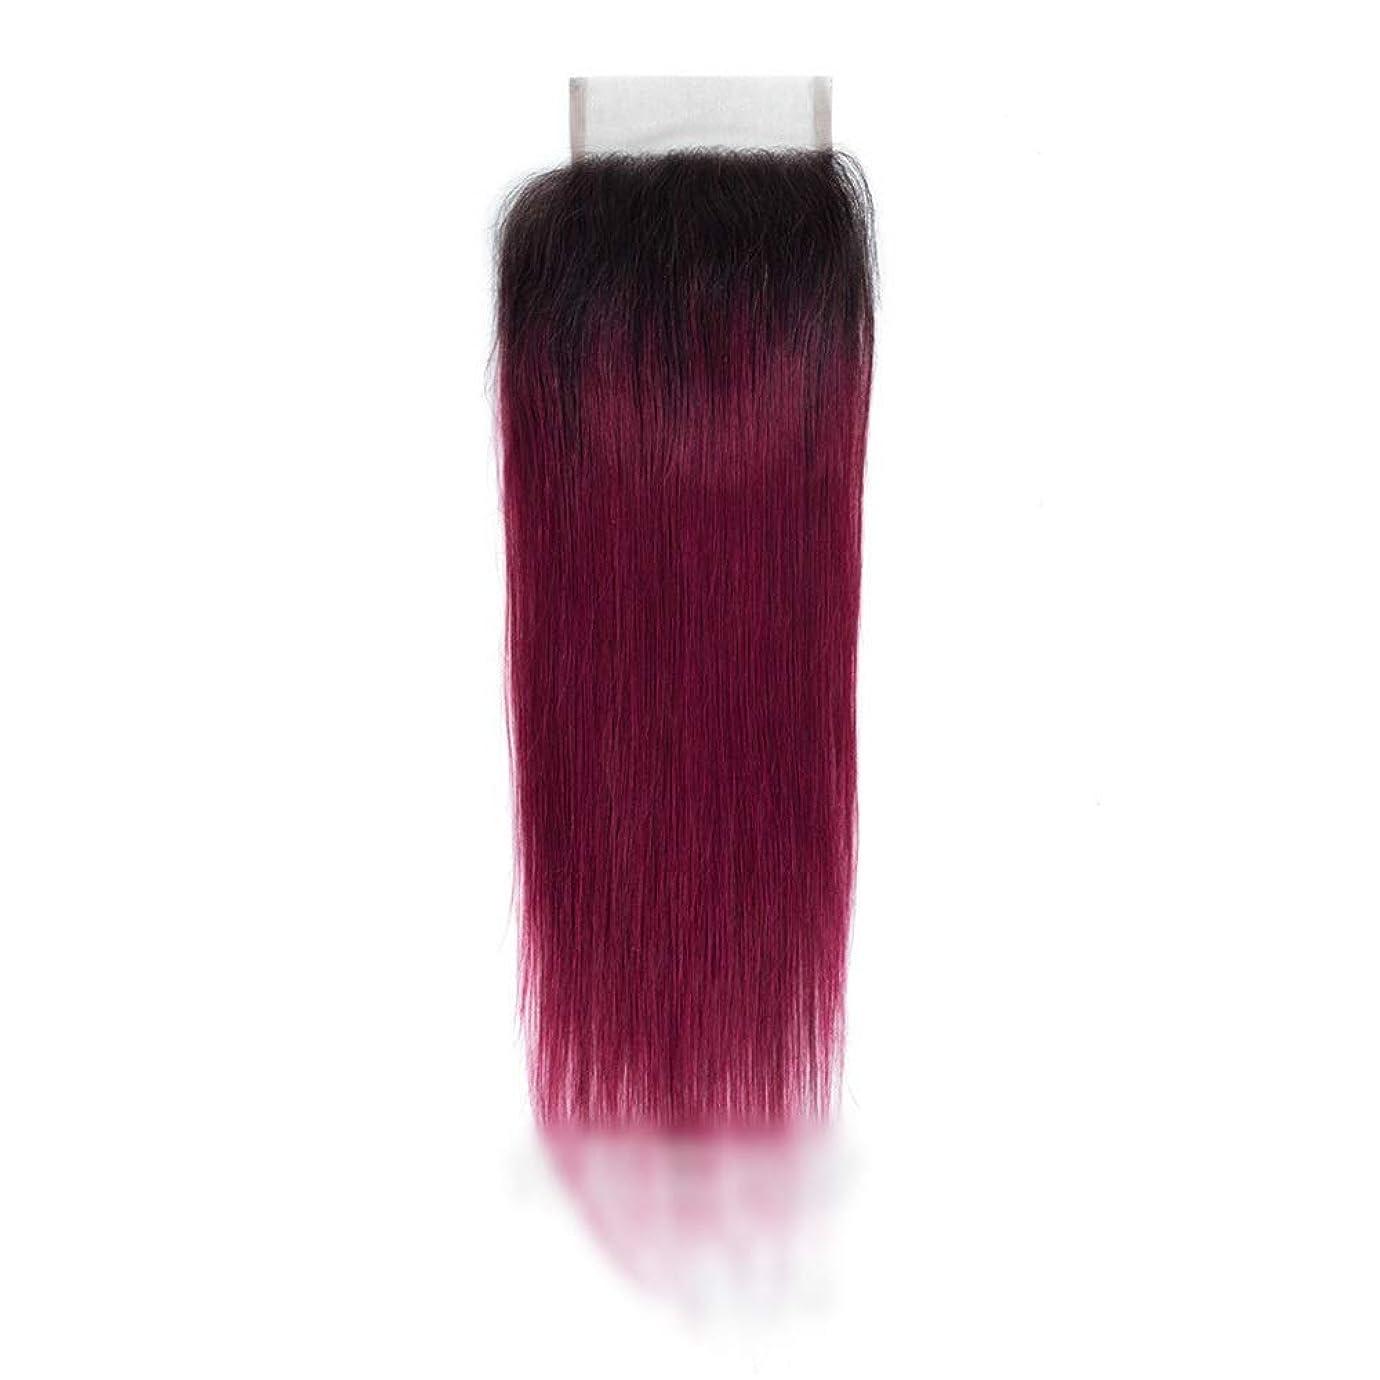 消毒するキャンペーン賢いBOBIDYEE レースの閉鎖とストレートオンブルバージンヘア、人間の髪の毛1B /バグ2トーン、オンブルヘアエクステンション織り横糸ロングストレートヘア (色 : ワインレッド, サイズ : 14 inch)